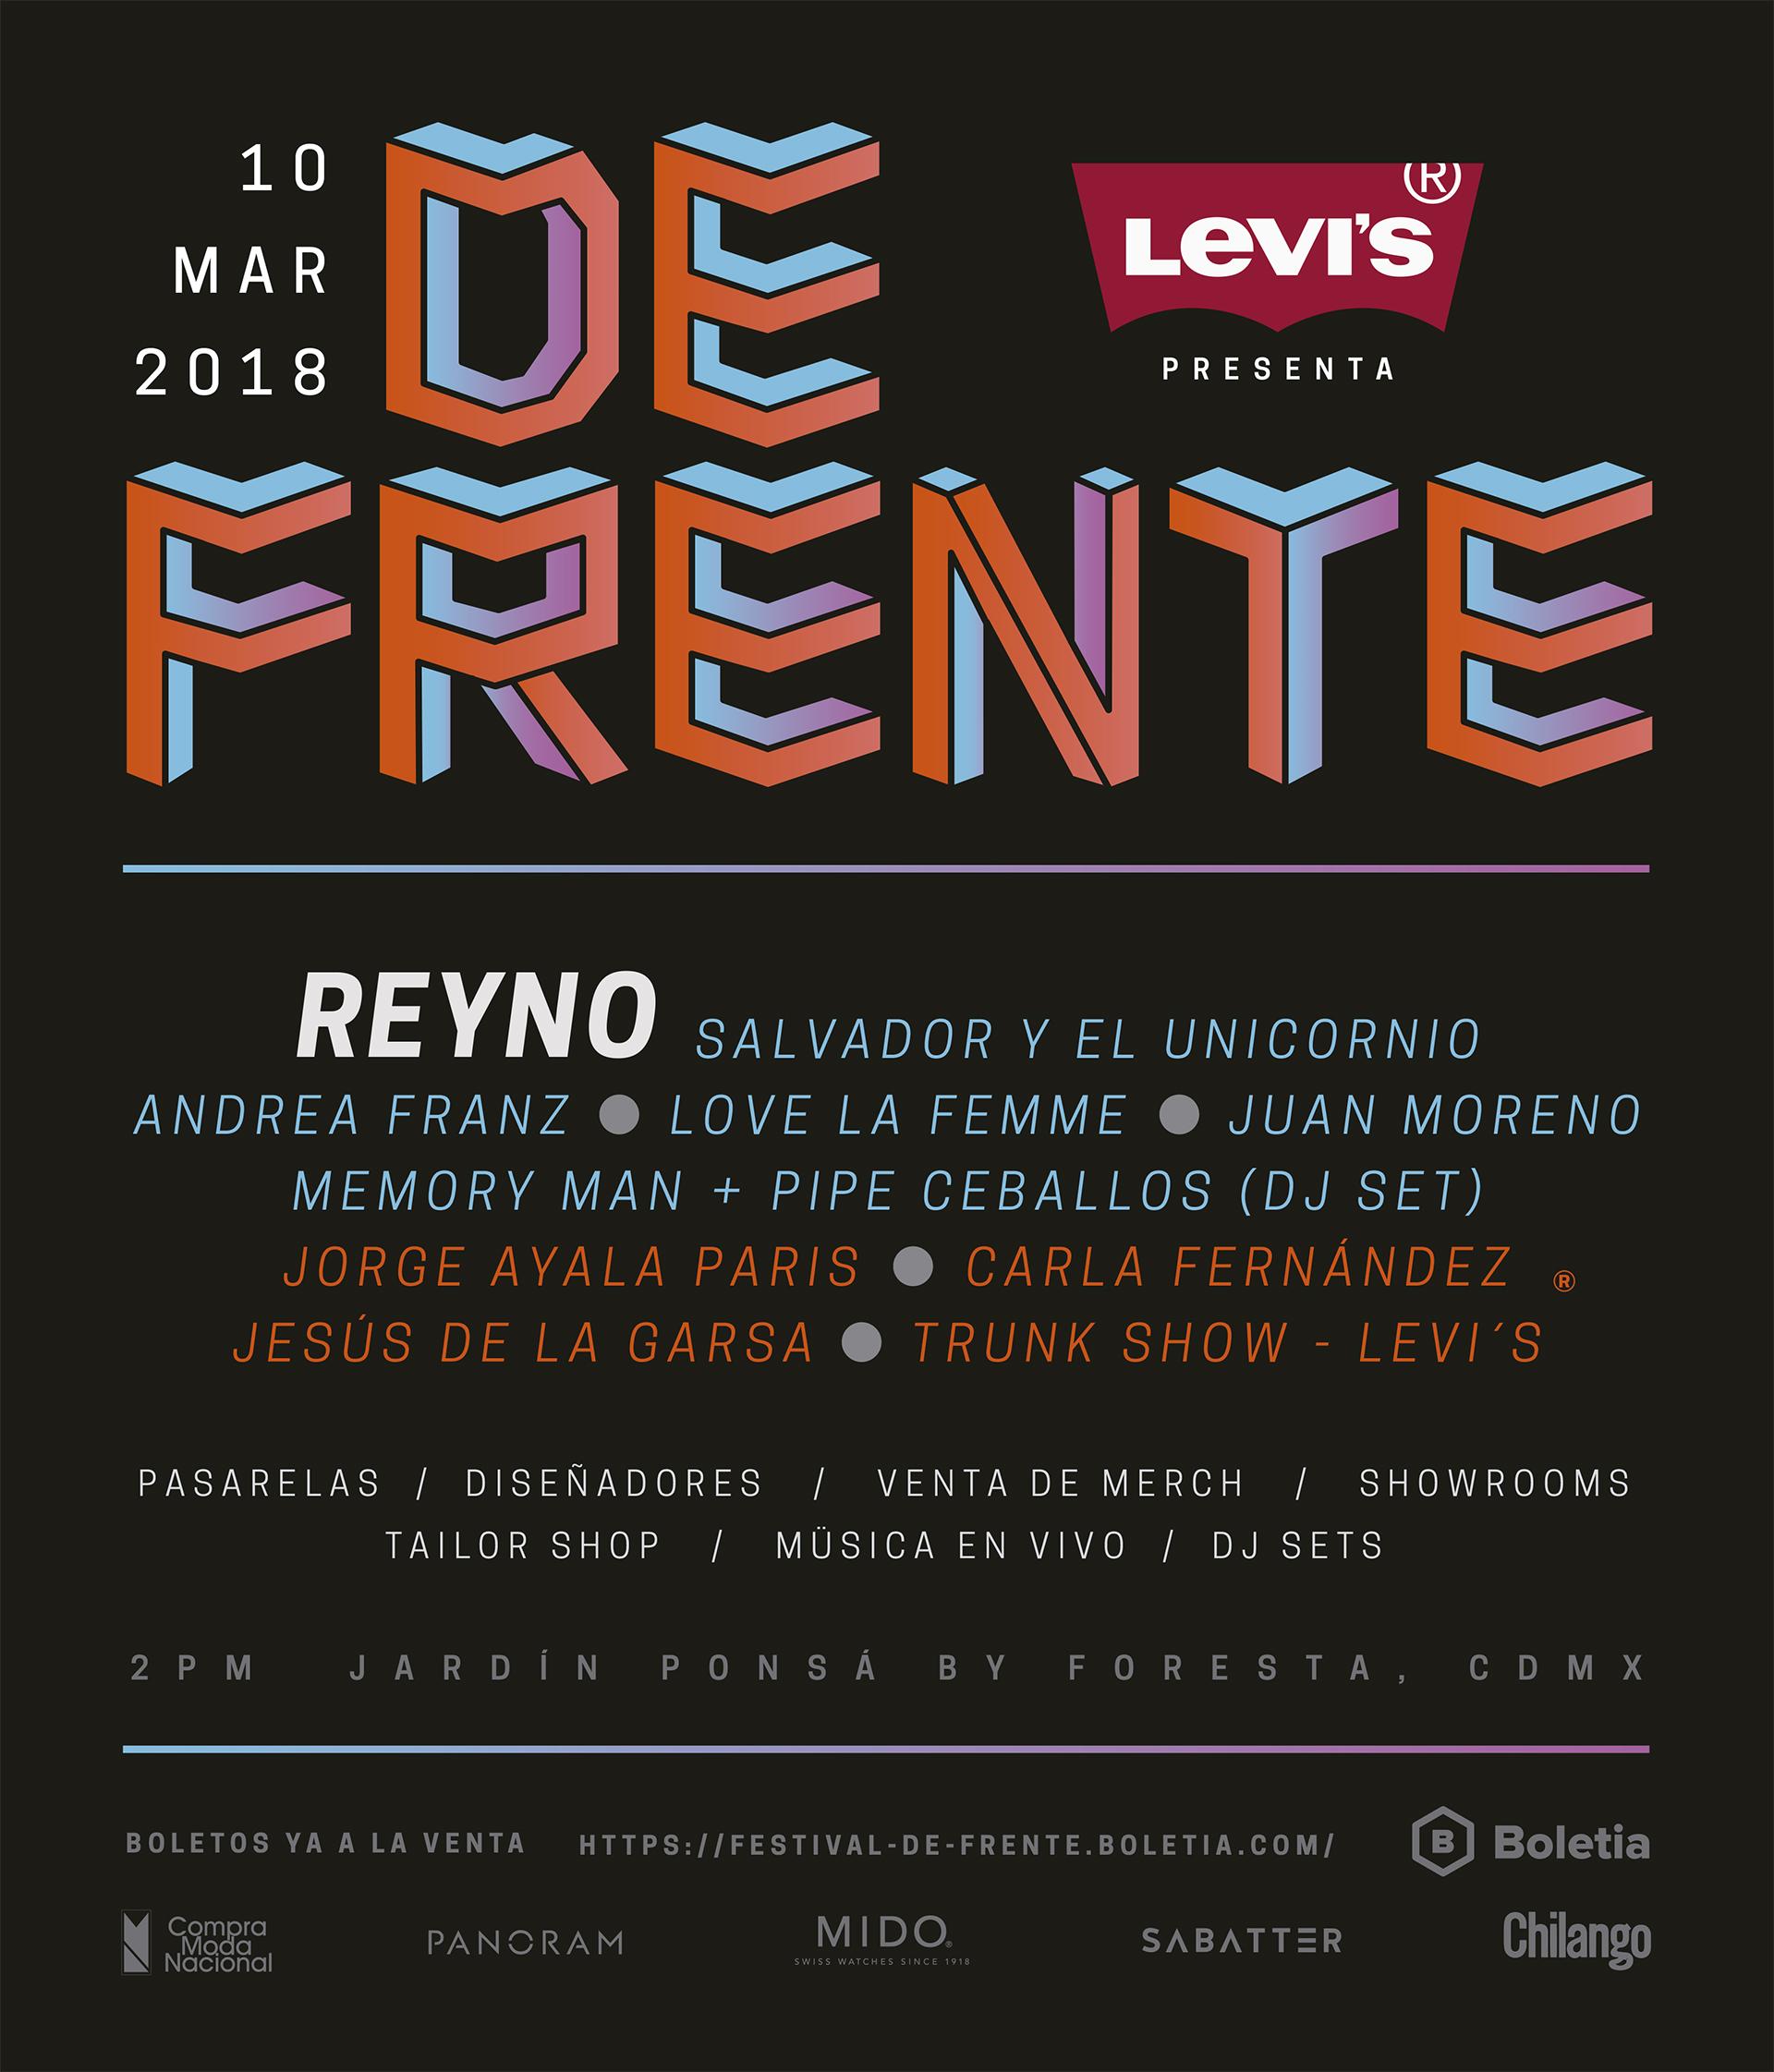 Todo lo que necesitas saber sobre #FestivalDeFrente